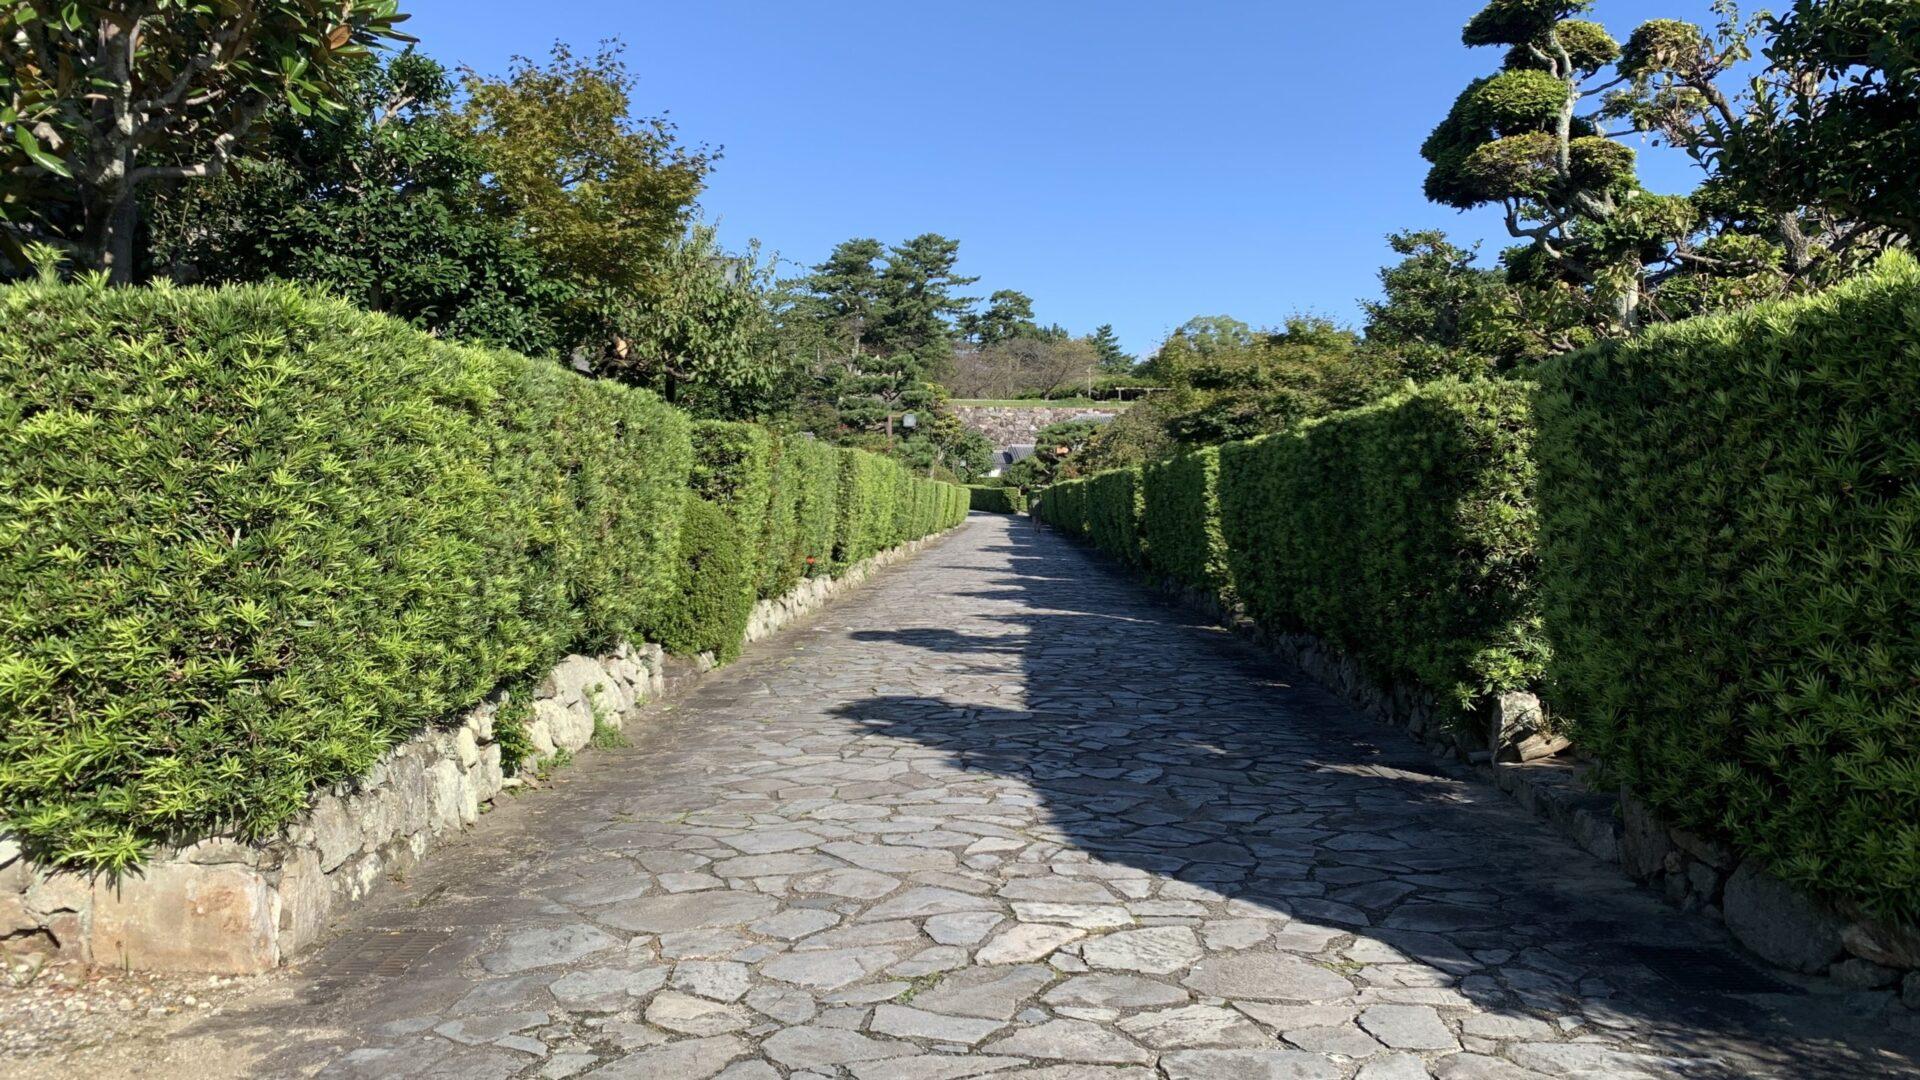 歴史情緒漂う松阪の地にてかなり久しぶりに20キロ超えラン